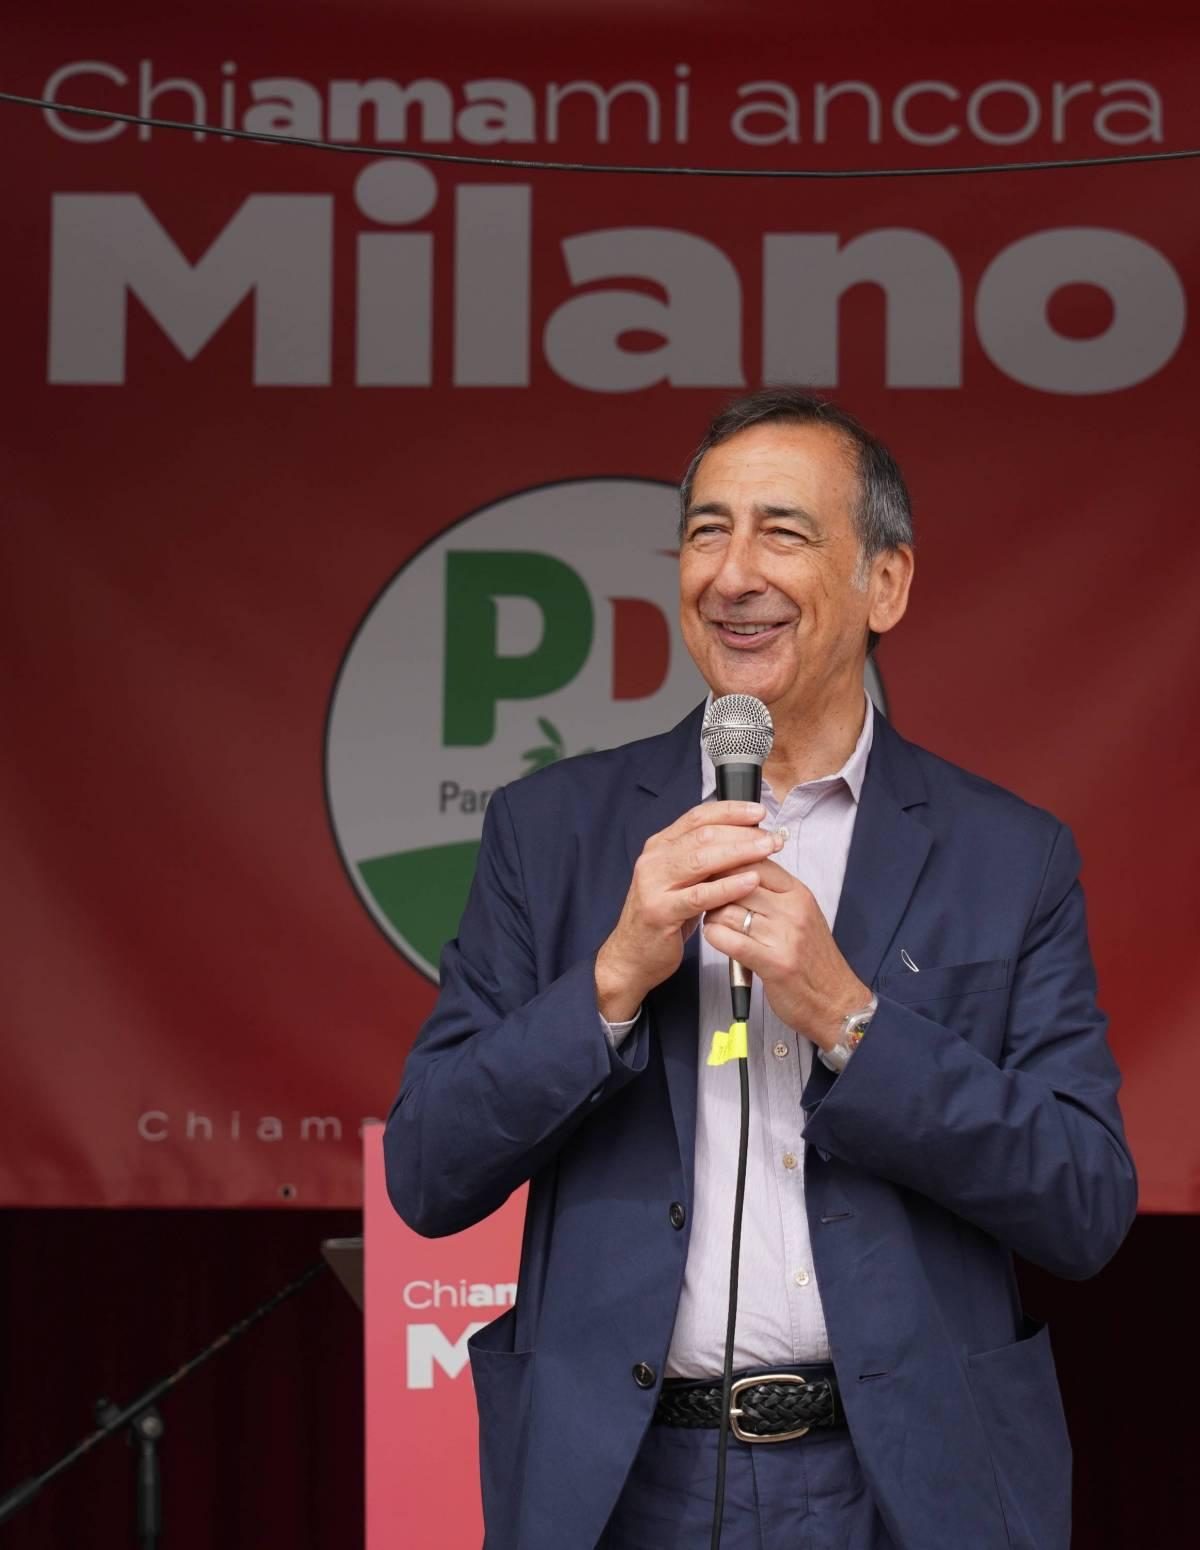 Sala attacca Berlusconi